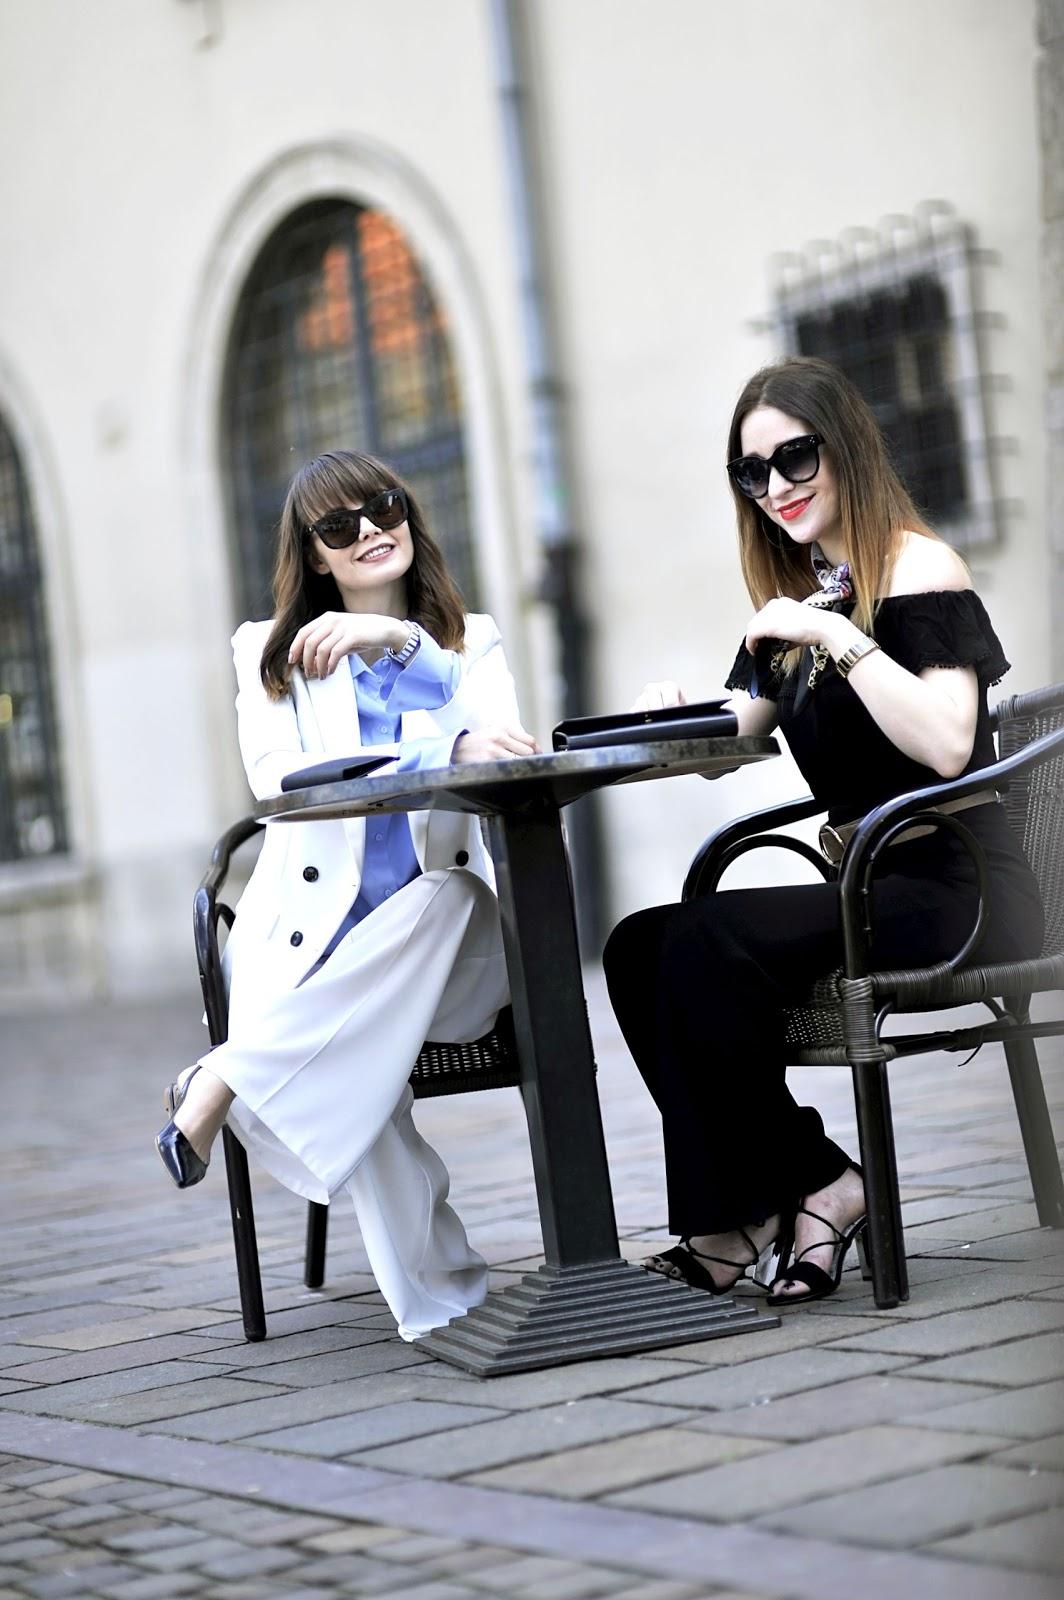 zegarki elixa | wspolpraca z apart | blogi modowe | shinysyl | cammy | blogerki modowe